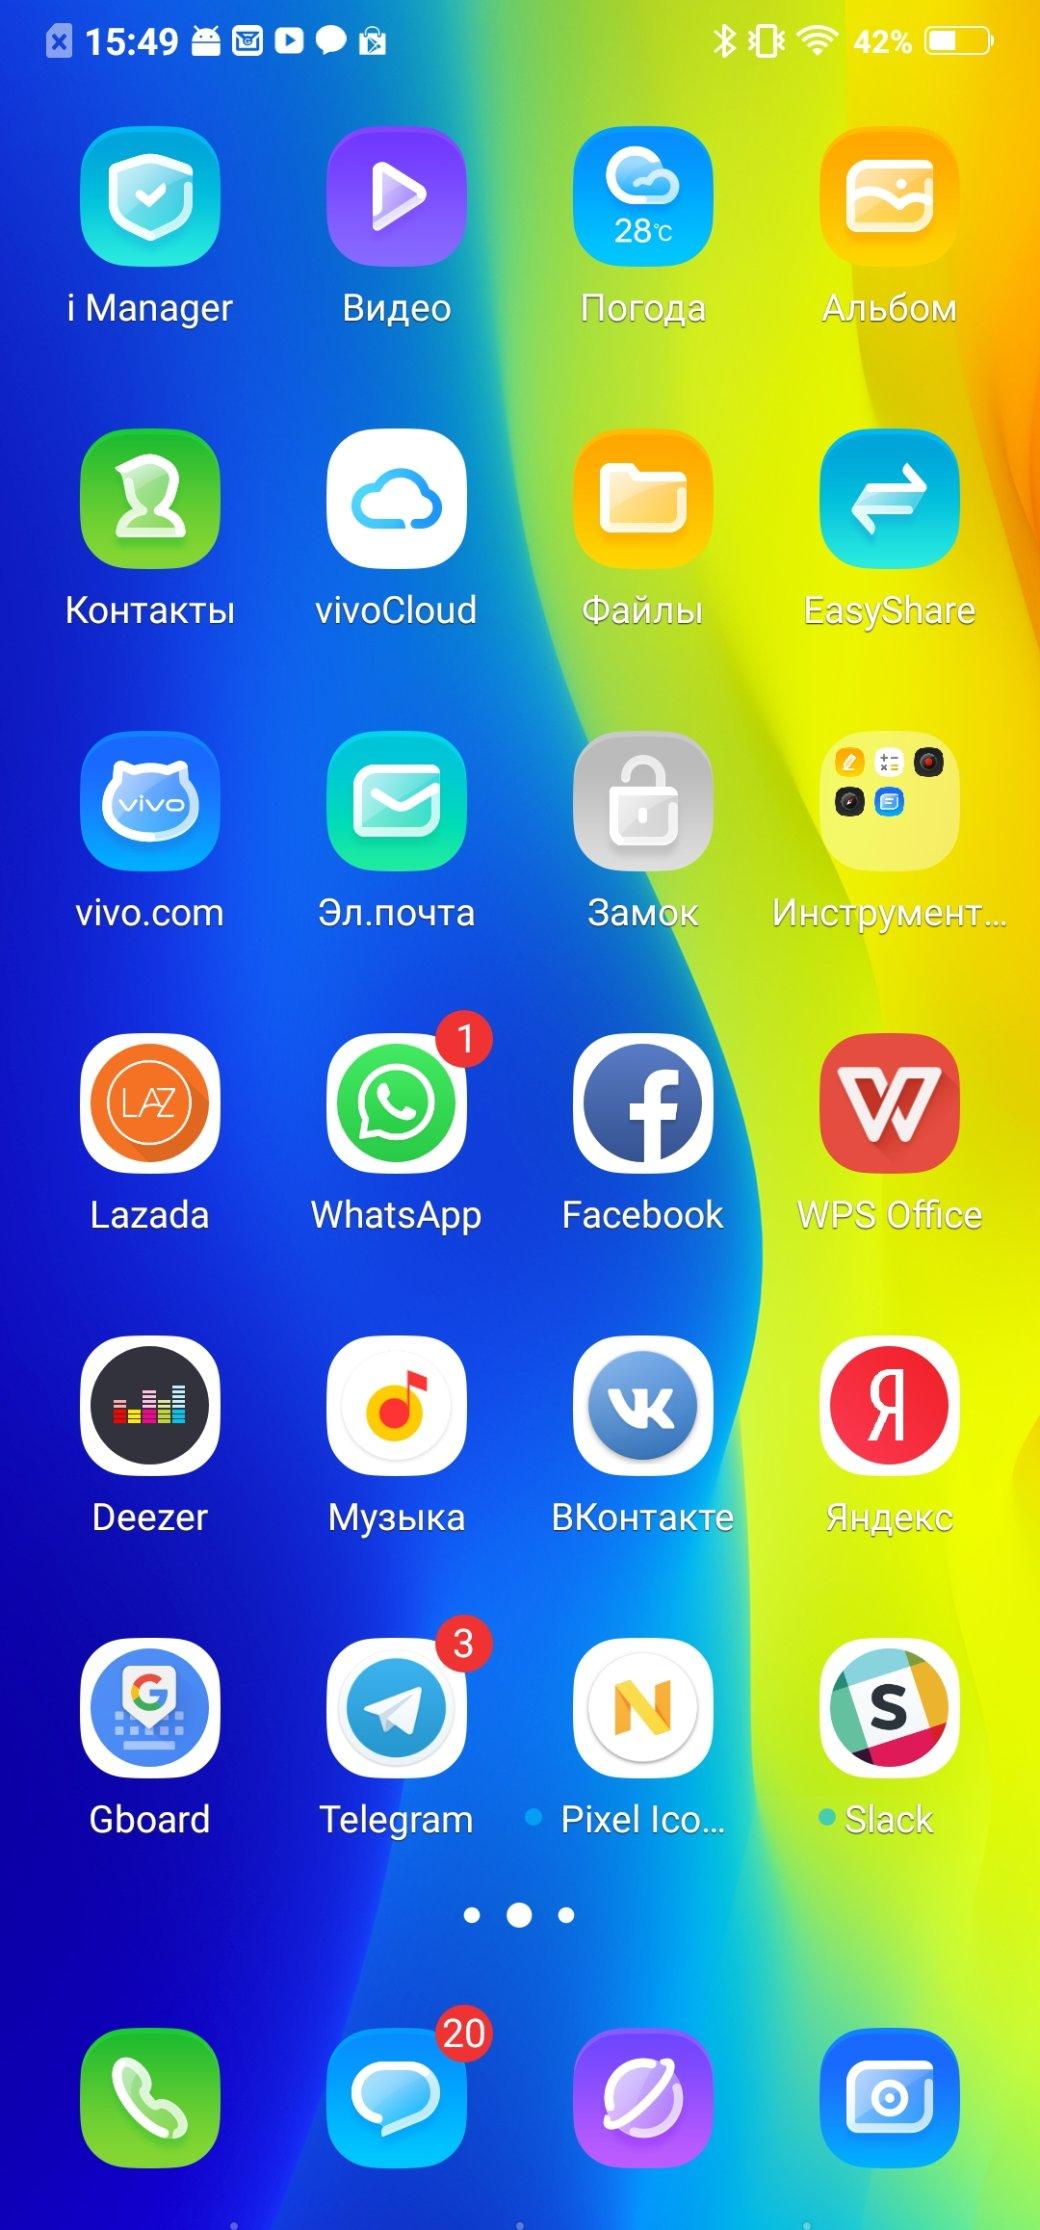 Технологический шедевр? Обзор смартфона Vivo Nex. - Изображение 11